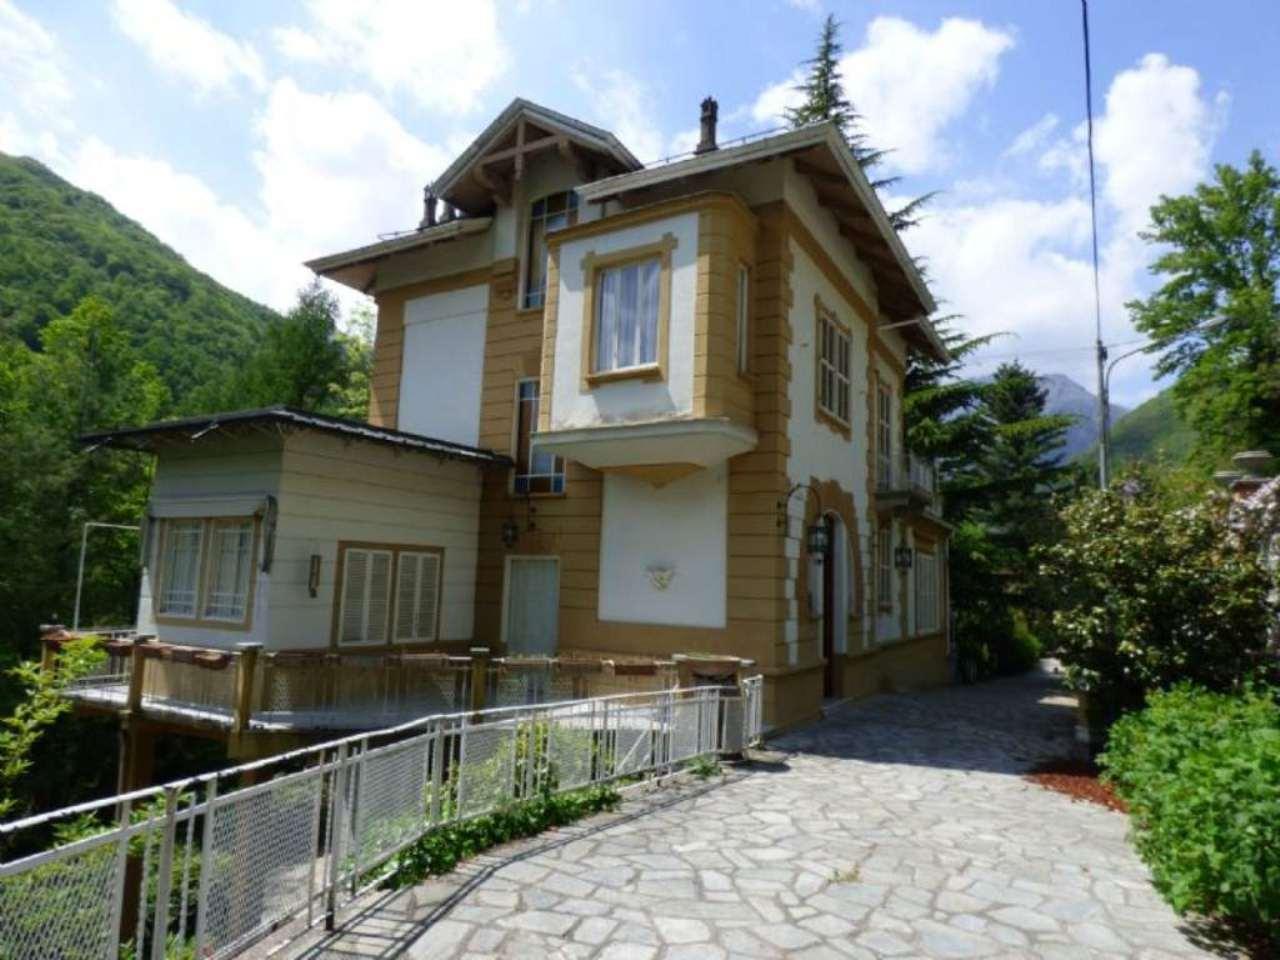 Villa in vendita a Ceres, 14 locali, prezzo € 470.000 | CambioCasa.it